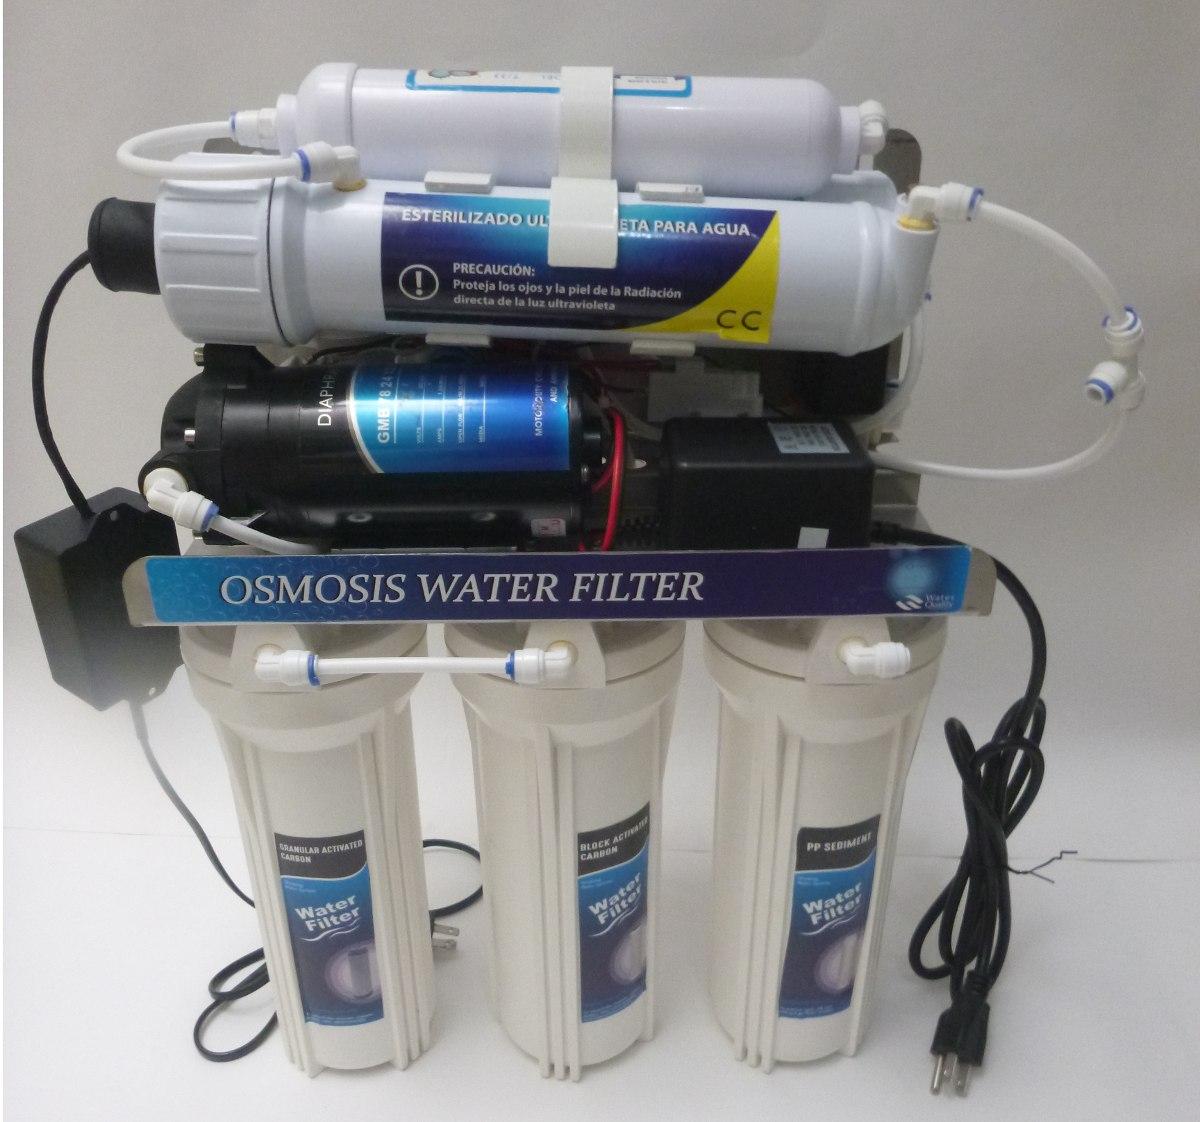 Filtro de agua osmosis inversa ultravioleta 100 gpd 6 - Filtros de osmosis inversa precios ...